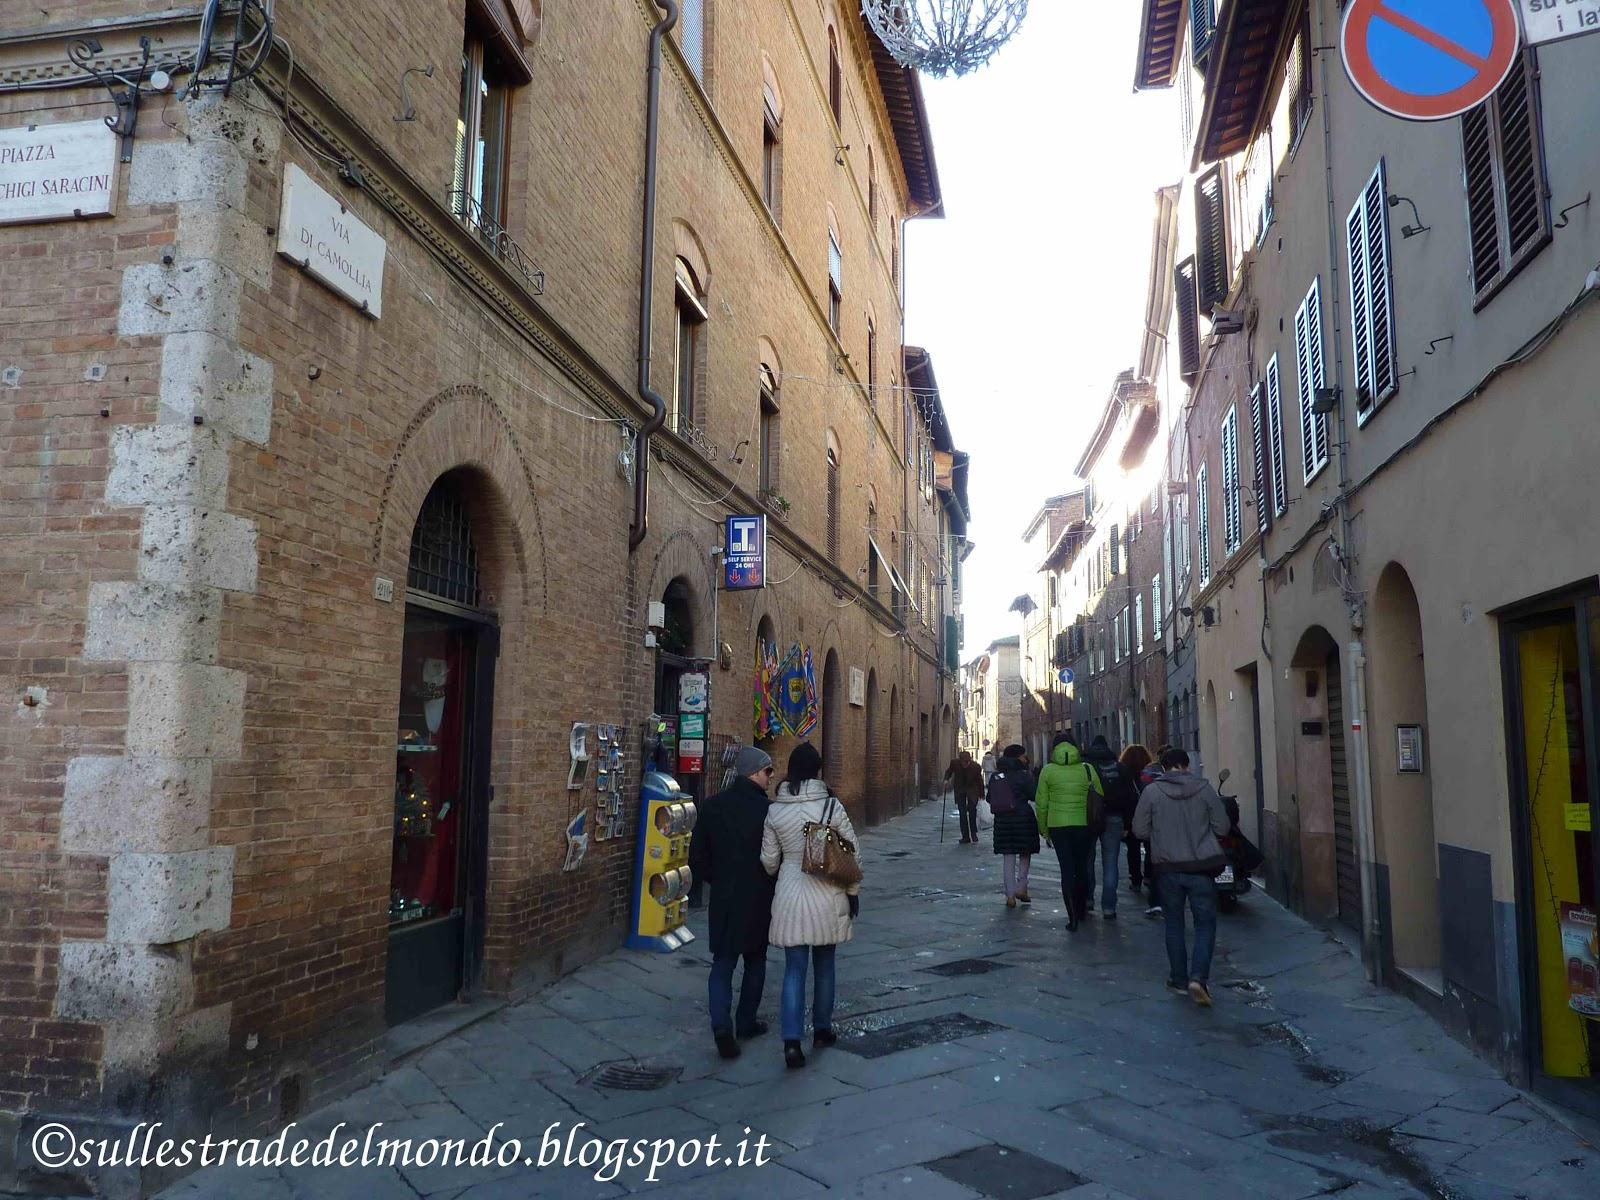 Siena Francigena